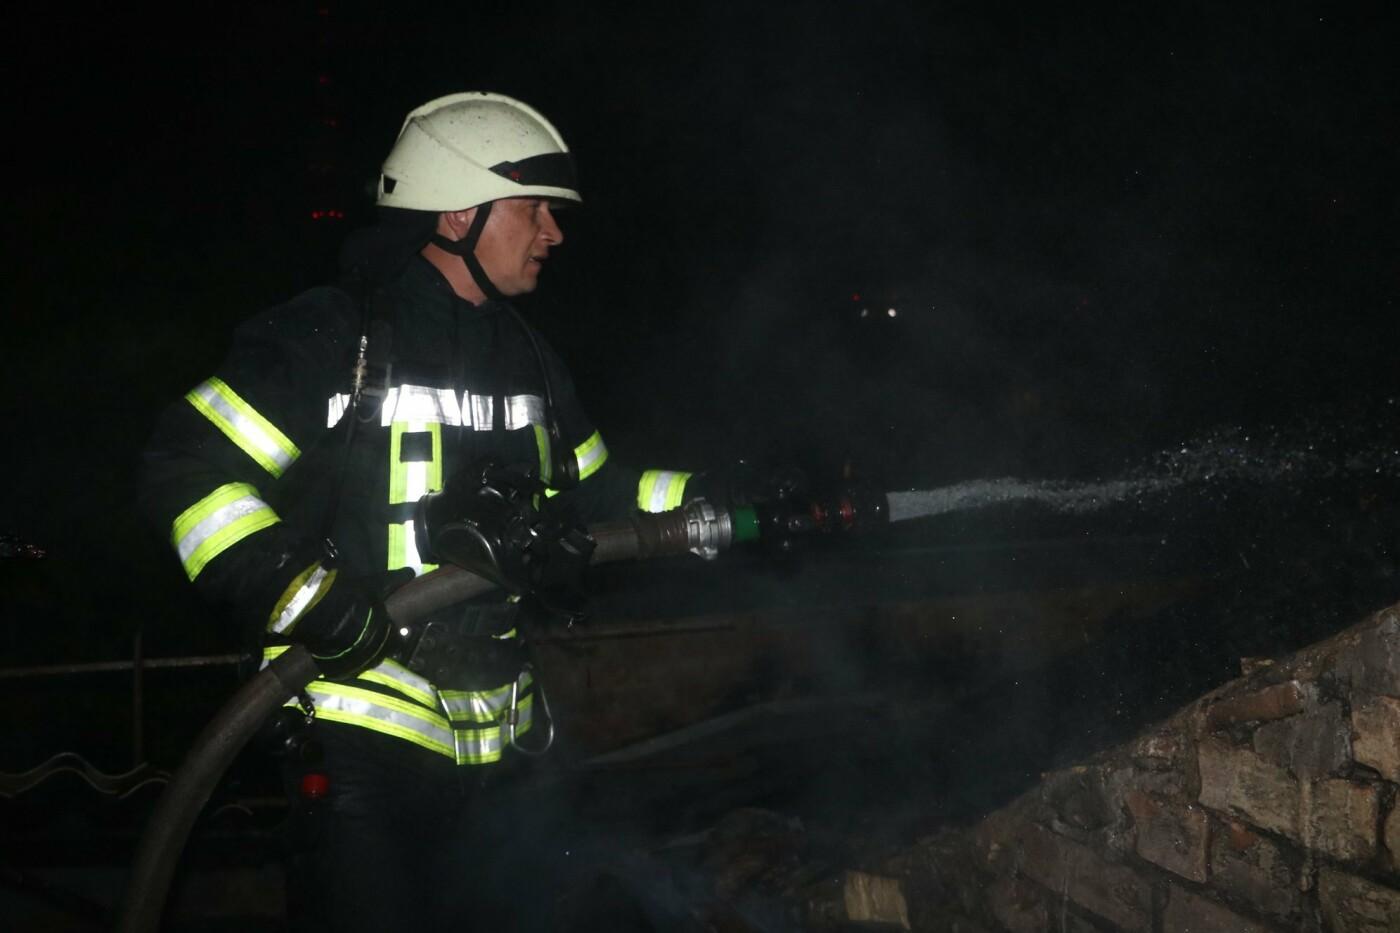 Ночью в Киеве горел жилой дом на улице Древлянской: жильцов пришлось эвакуировать, - ФОТО, фото-3, Фото: ГУДСНС в Киеве